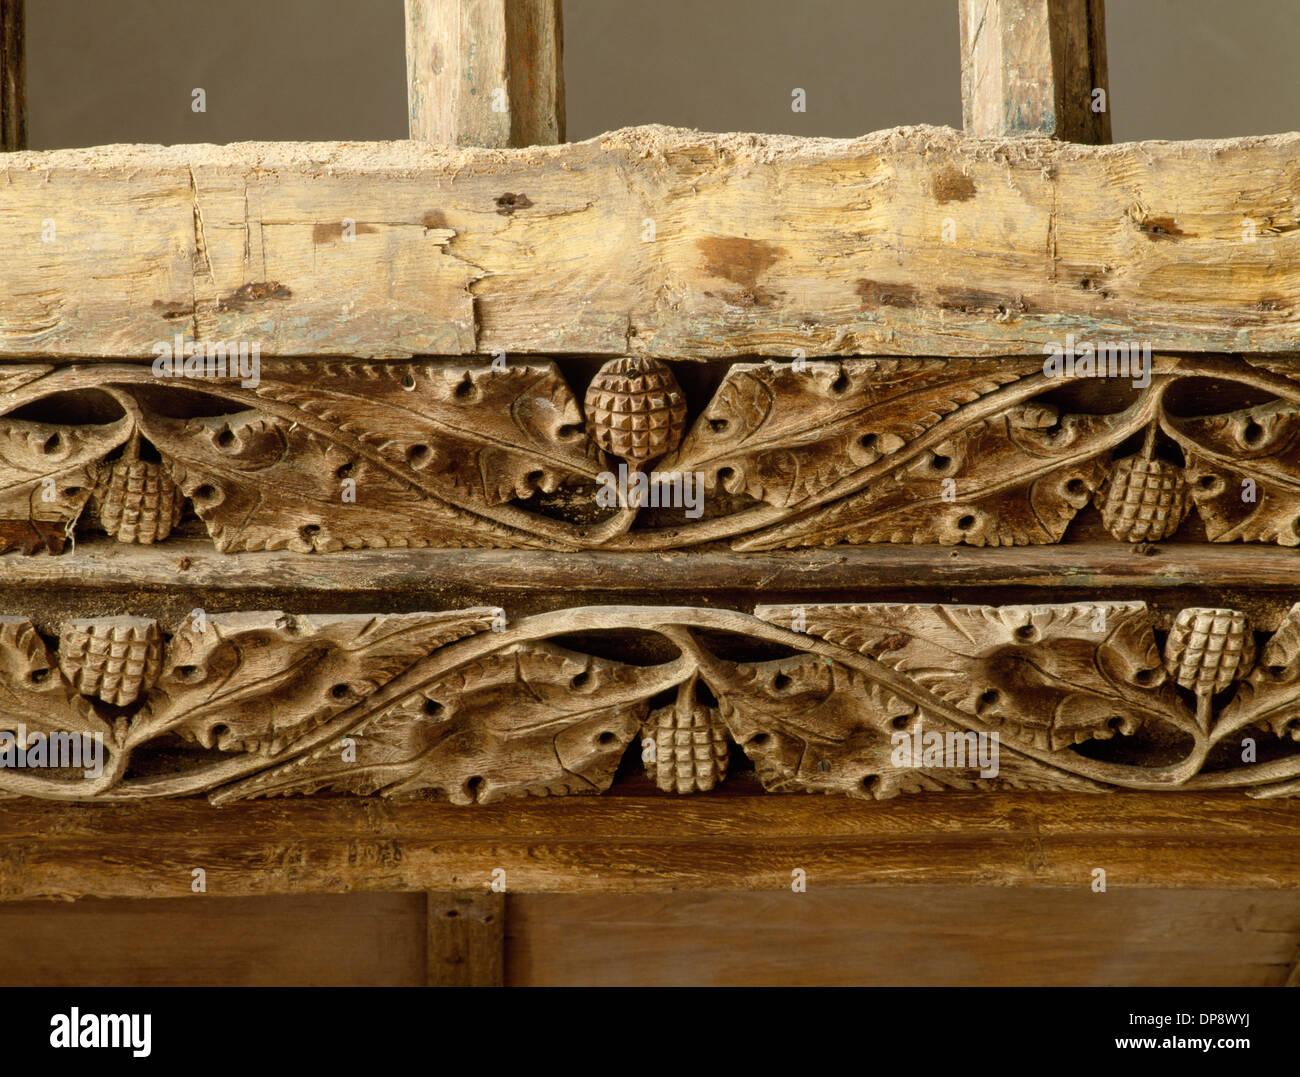 Dettaglio della vite forata scorre sul fascio di quercia tra il rood loft e schermo (1495) in St Eilian la Chiesa, Llaneilian, Anglesey. Il simbolismo cristiano. Immagini Stock